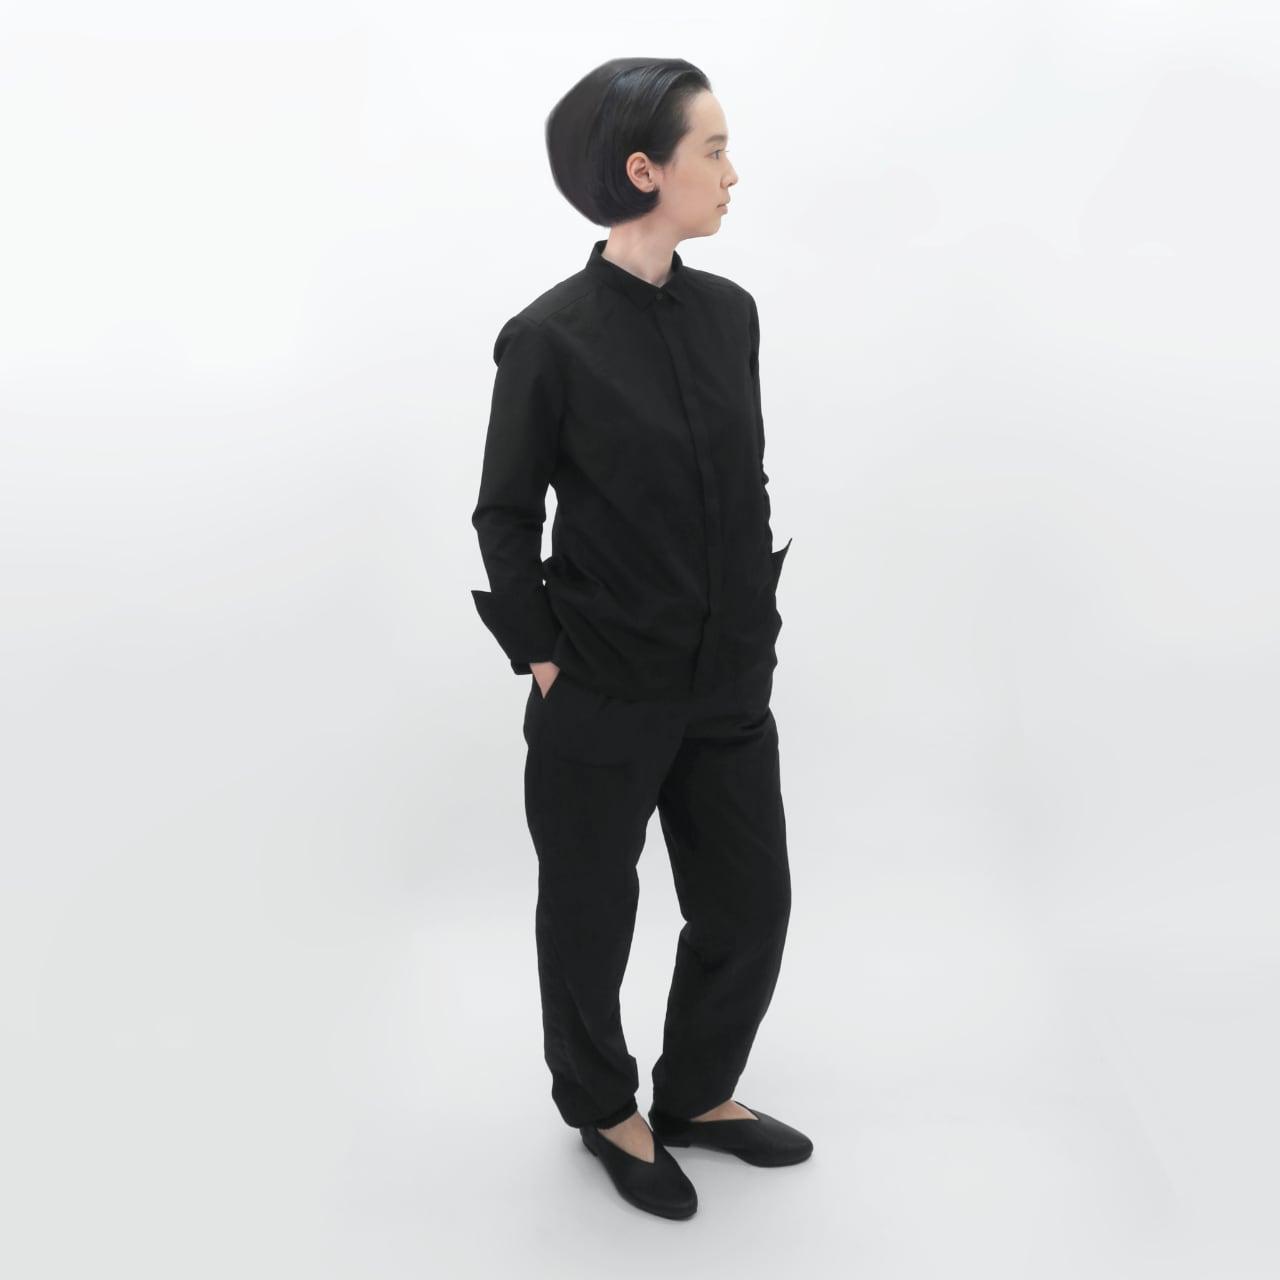 受注制/ポリエステル混コットン/比翼/ウイングカラーシャツ/T-5